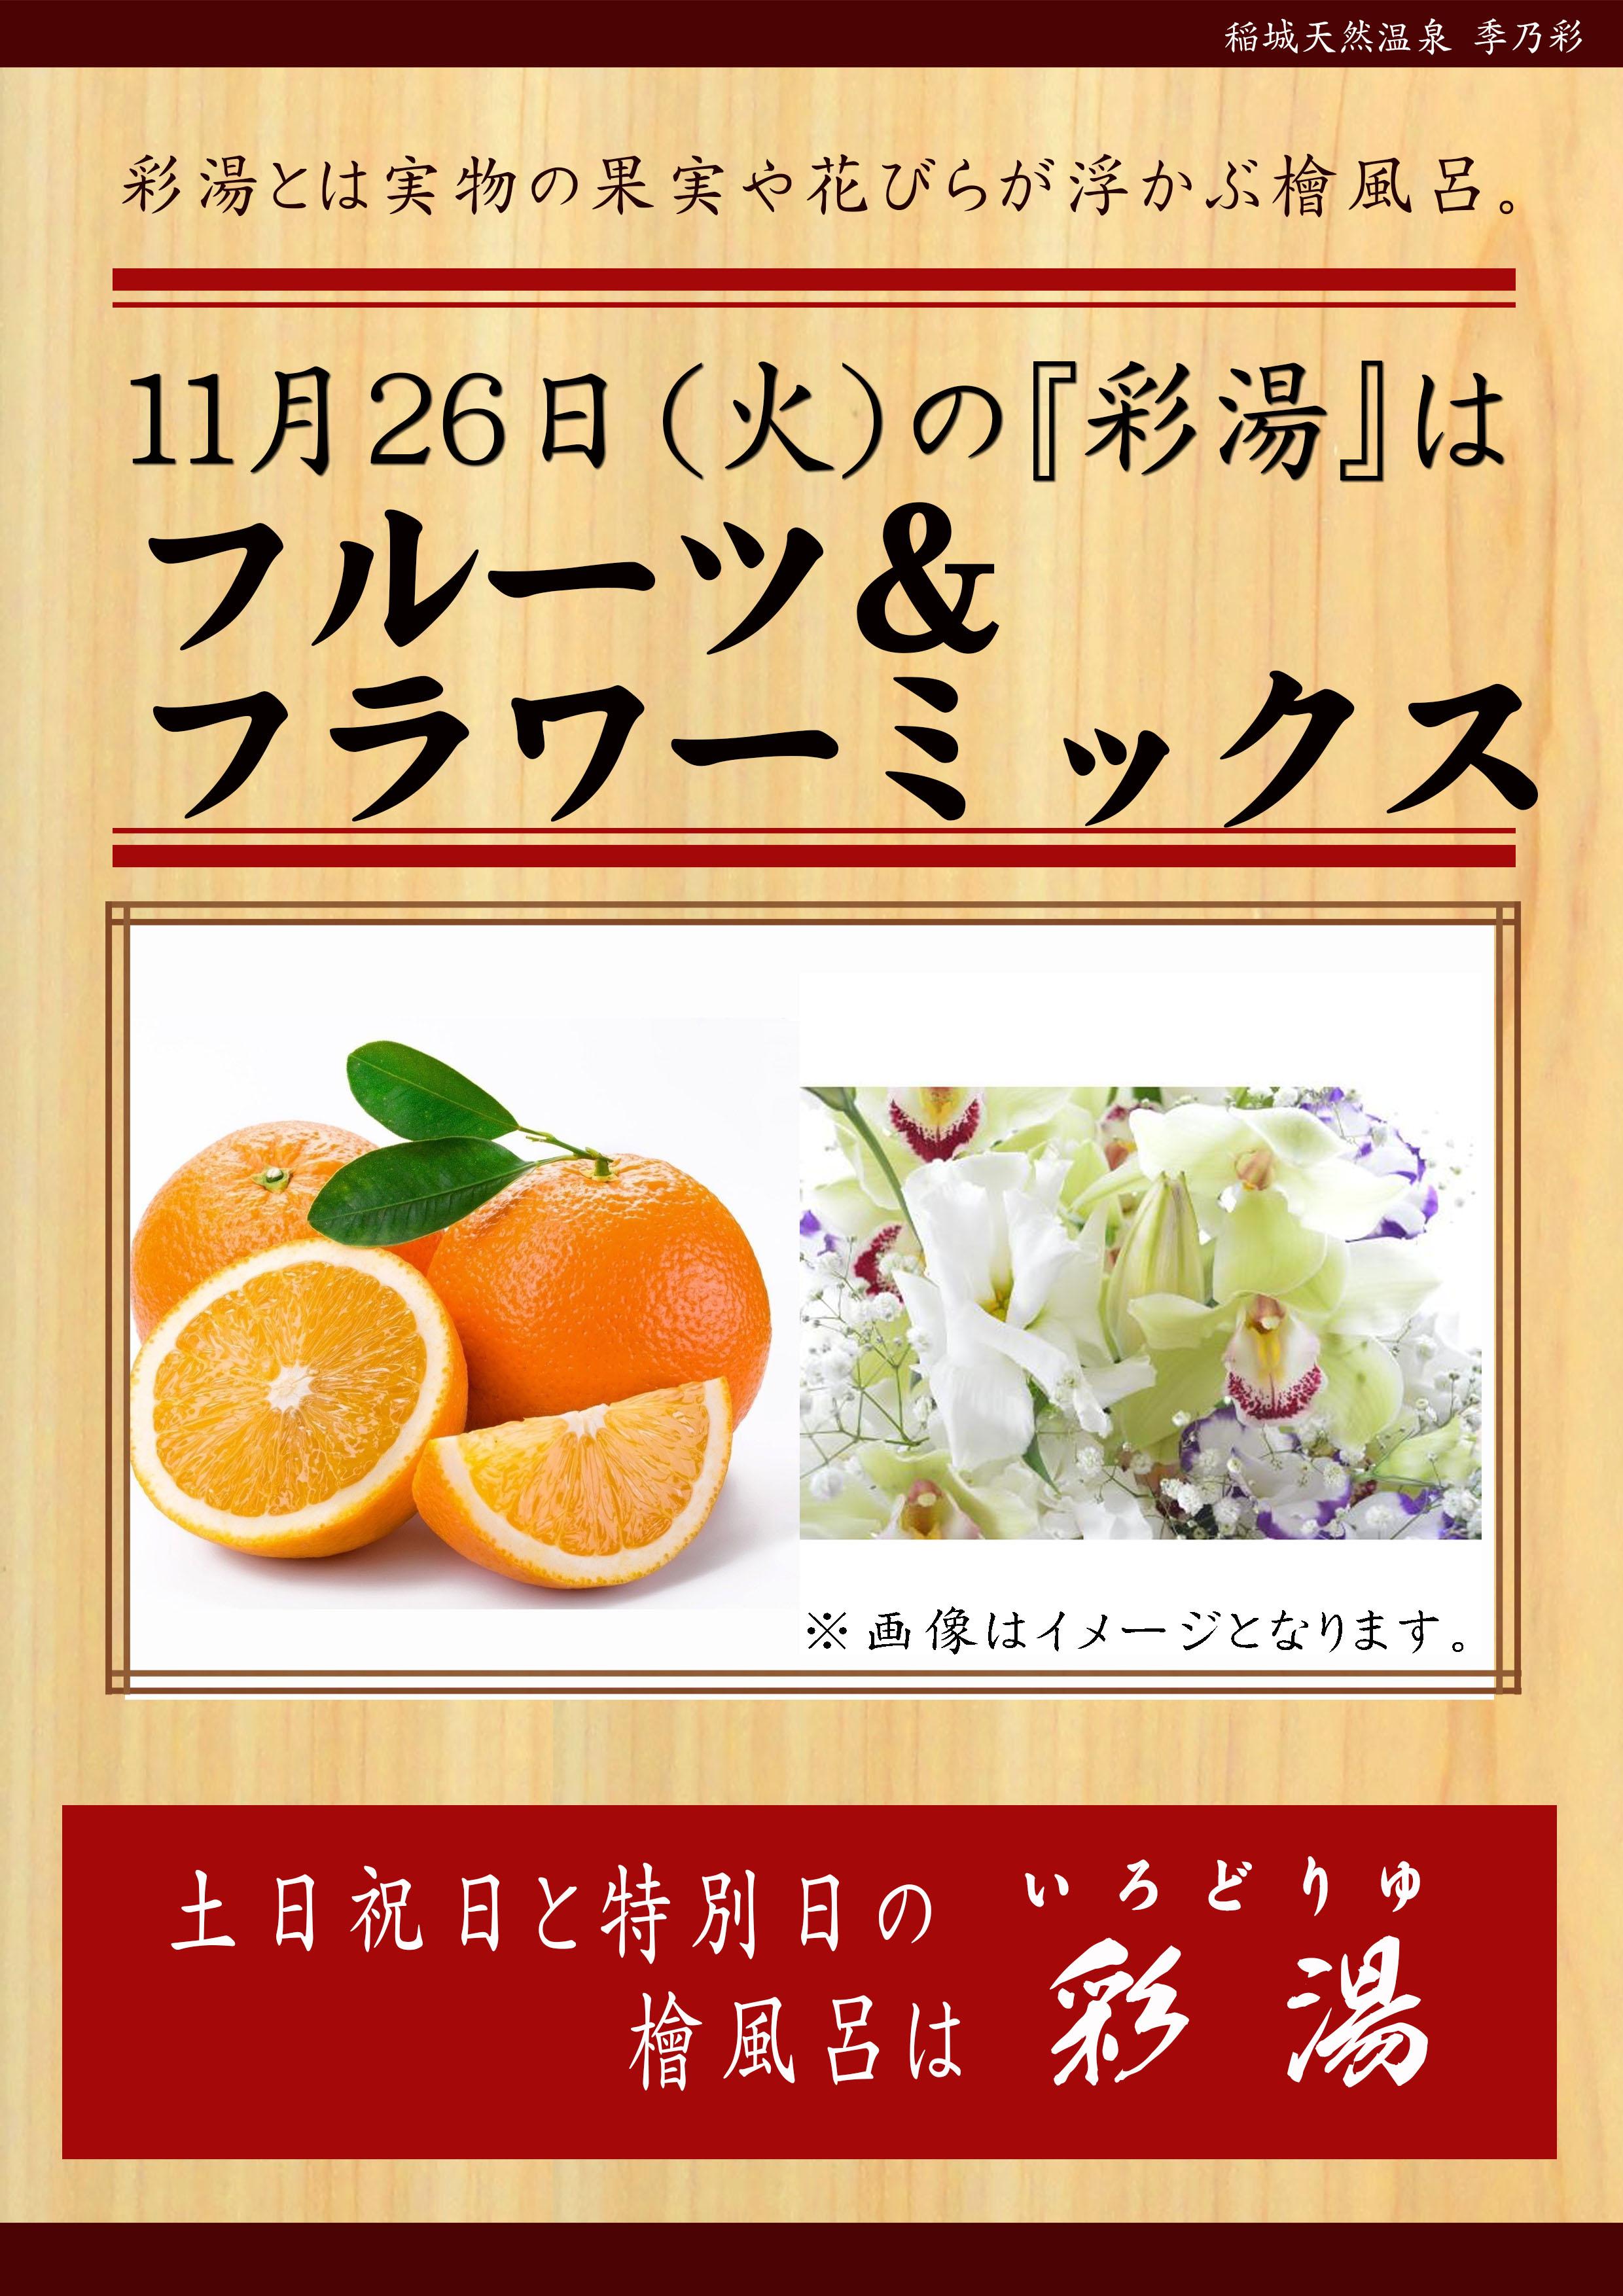 20191126 POP イベント 彩湯 フルーツ(オレンジ)&フラワーMIX